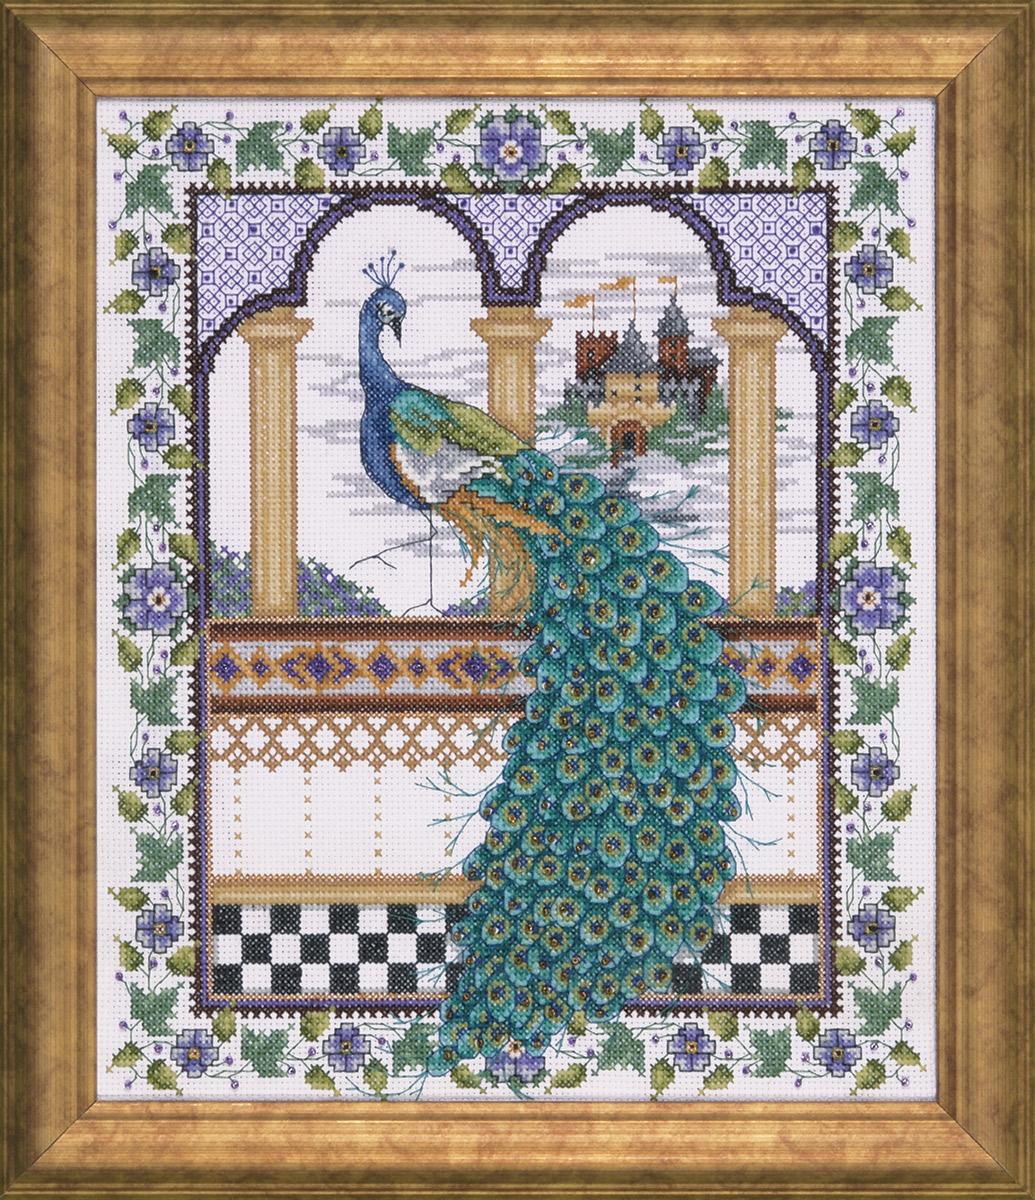 Набор для вышивания крестом Design Works Павлин, 27 х 30 см2725Дизайнер Джоан Эллиотт (Peacock, Joan Elliott).